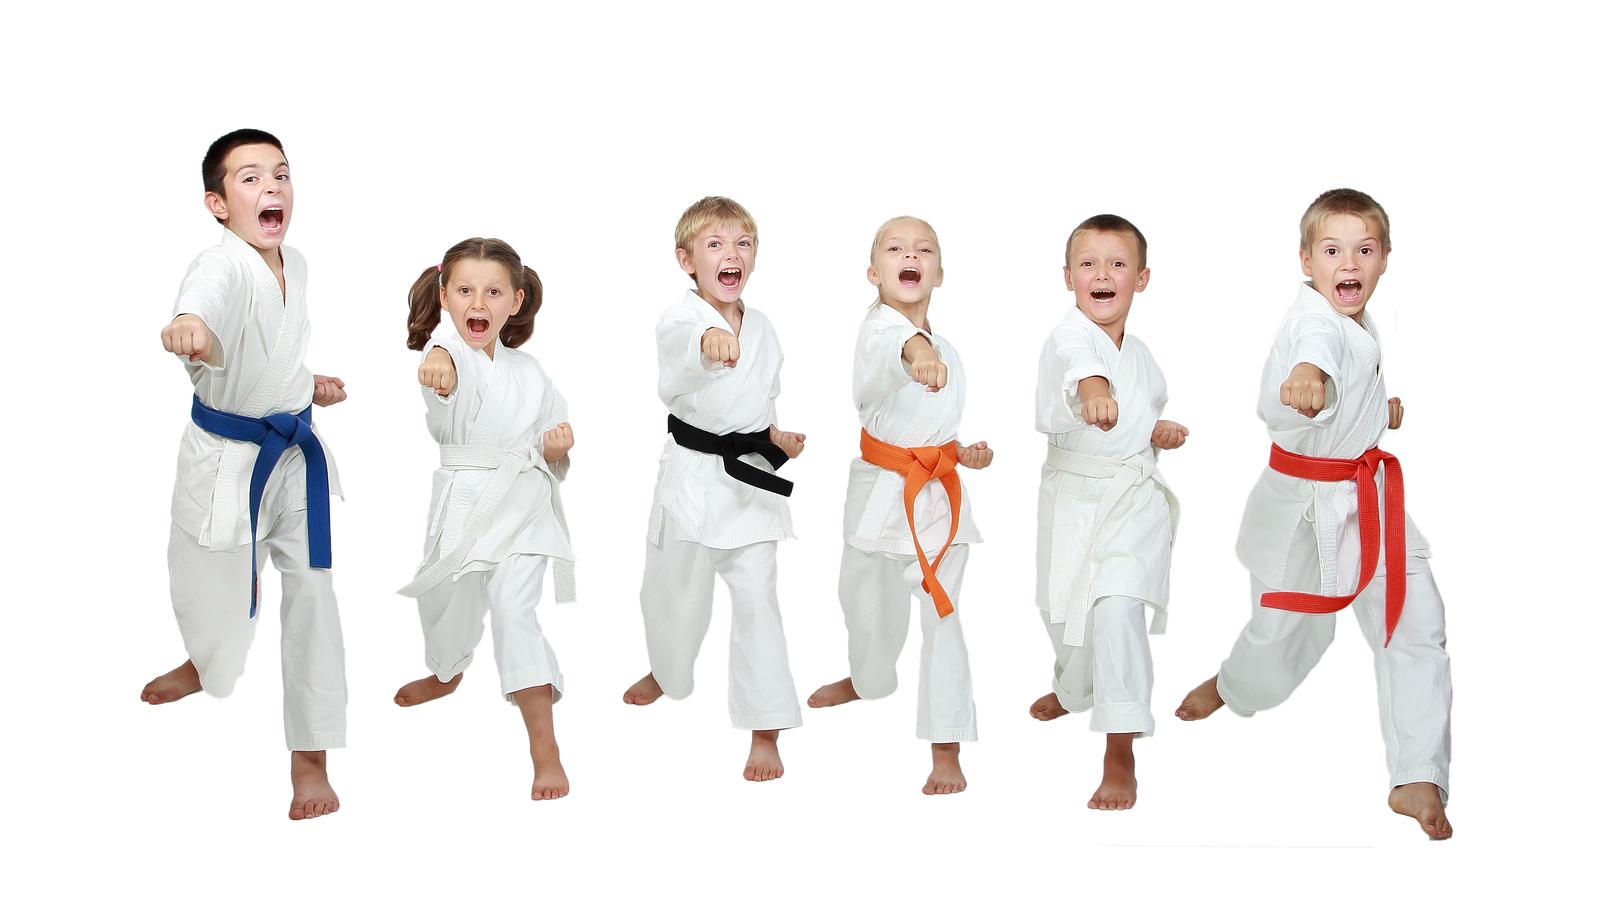 Shotokan Karate Club Villach - Karate und Selbstverteidigung - Karate für Kinder